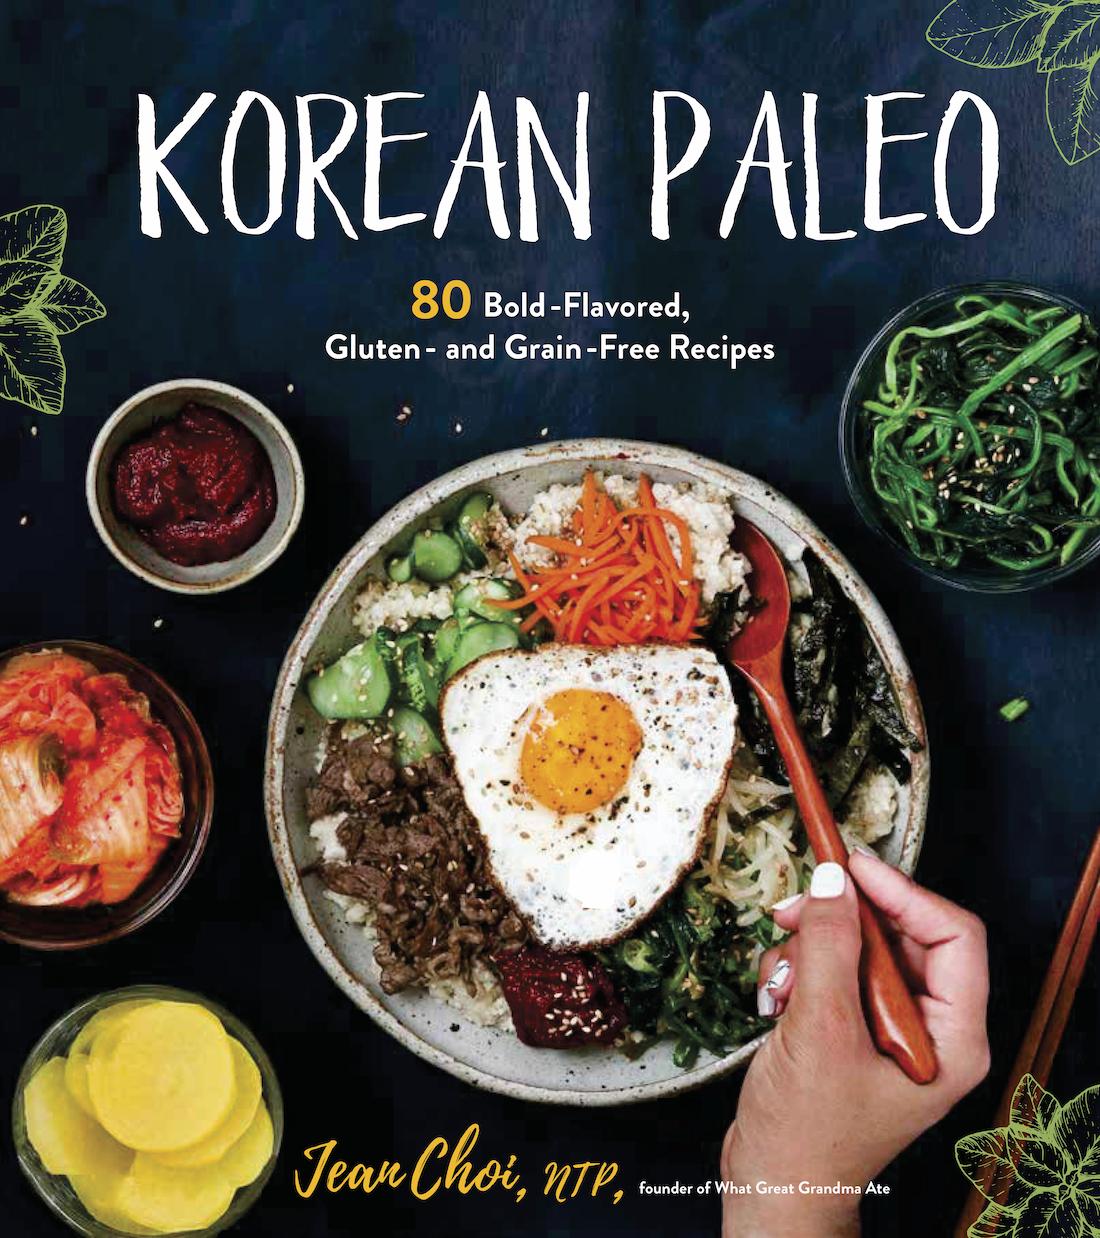 Korean Paleo chicken drumsticks